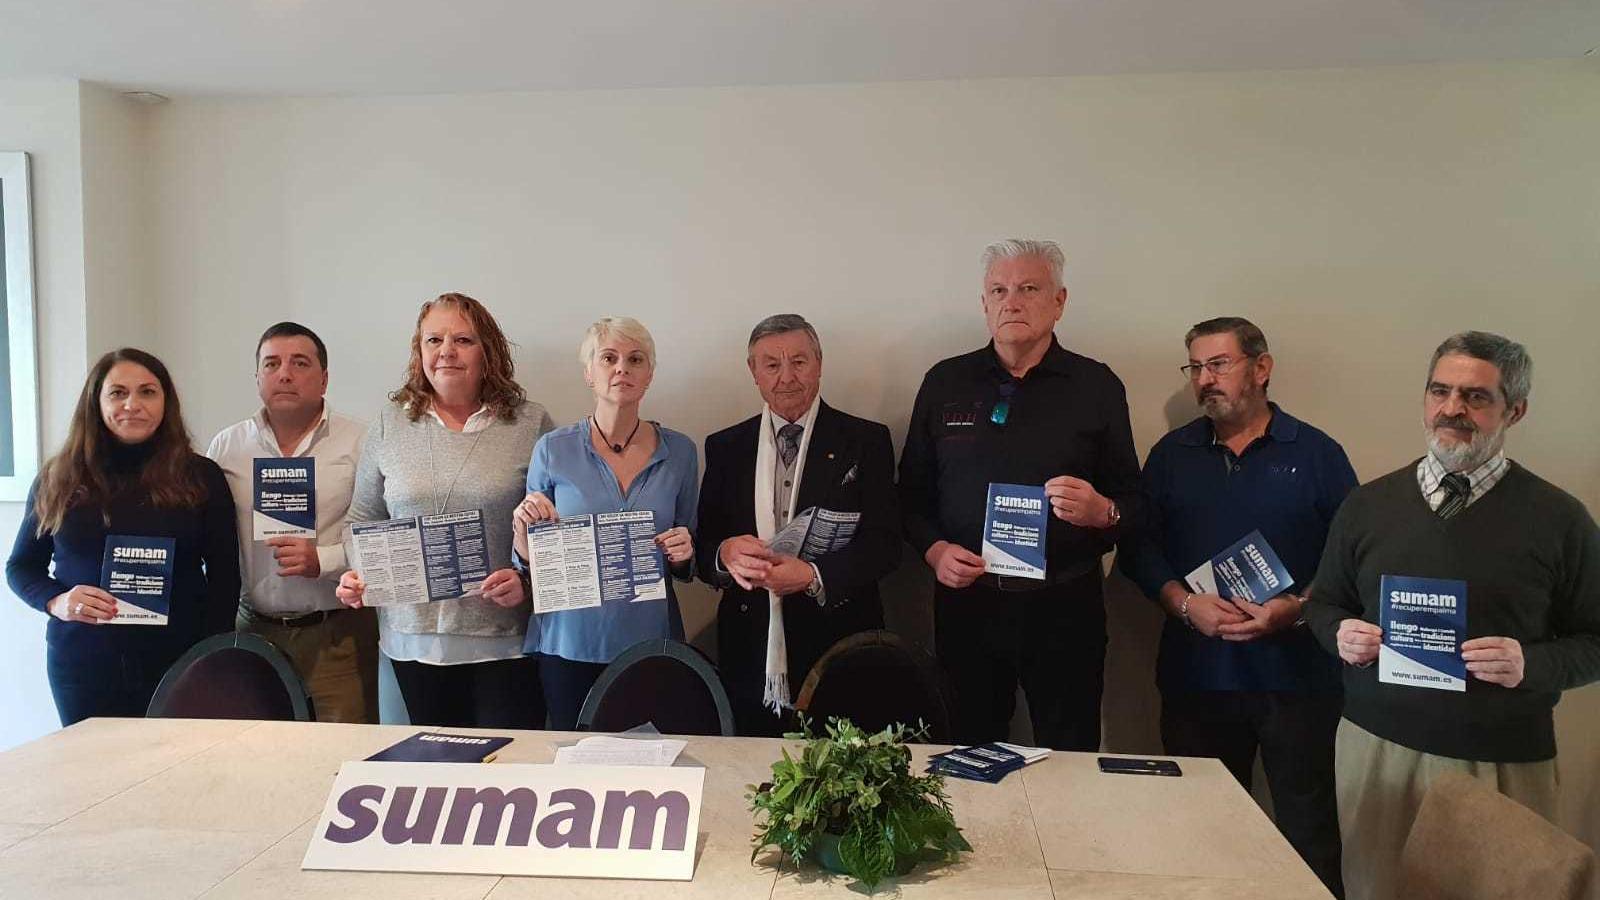 Els membres del nou partit municipalista SUMAM amb Aina Maria Aguiló com a cap de llista